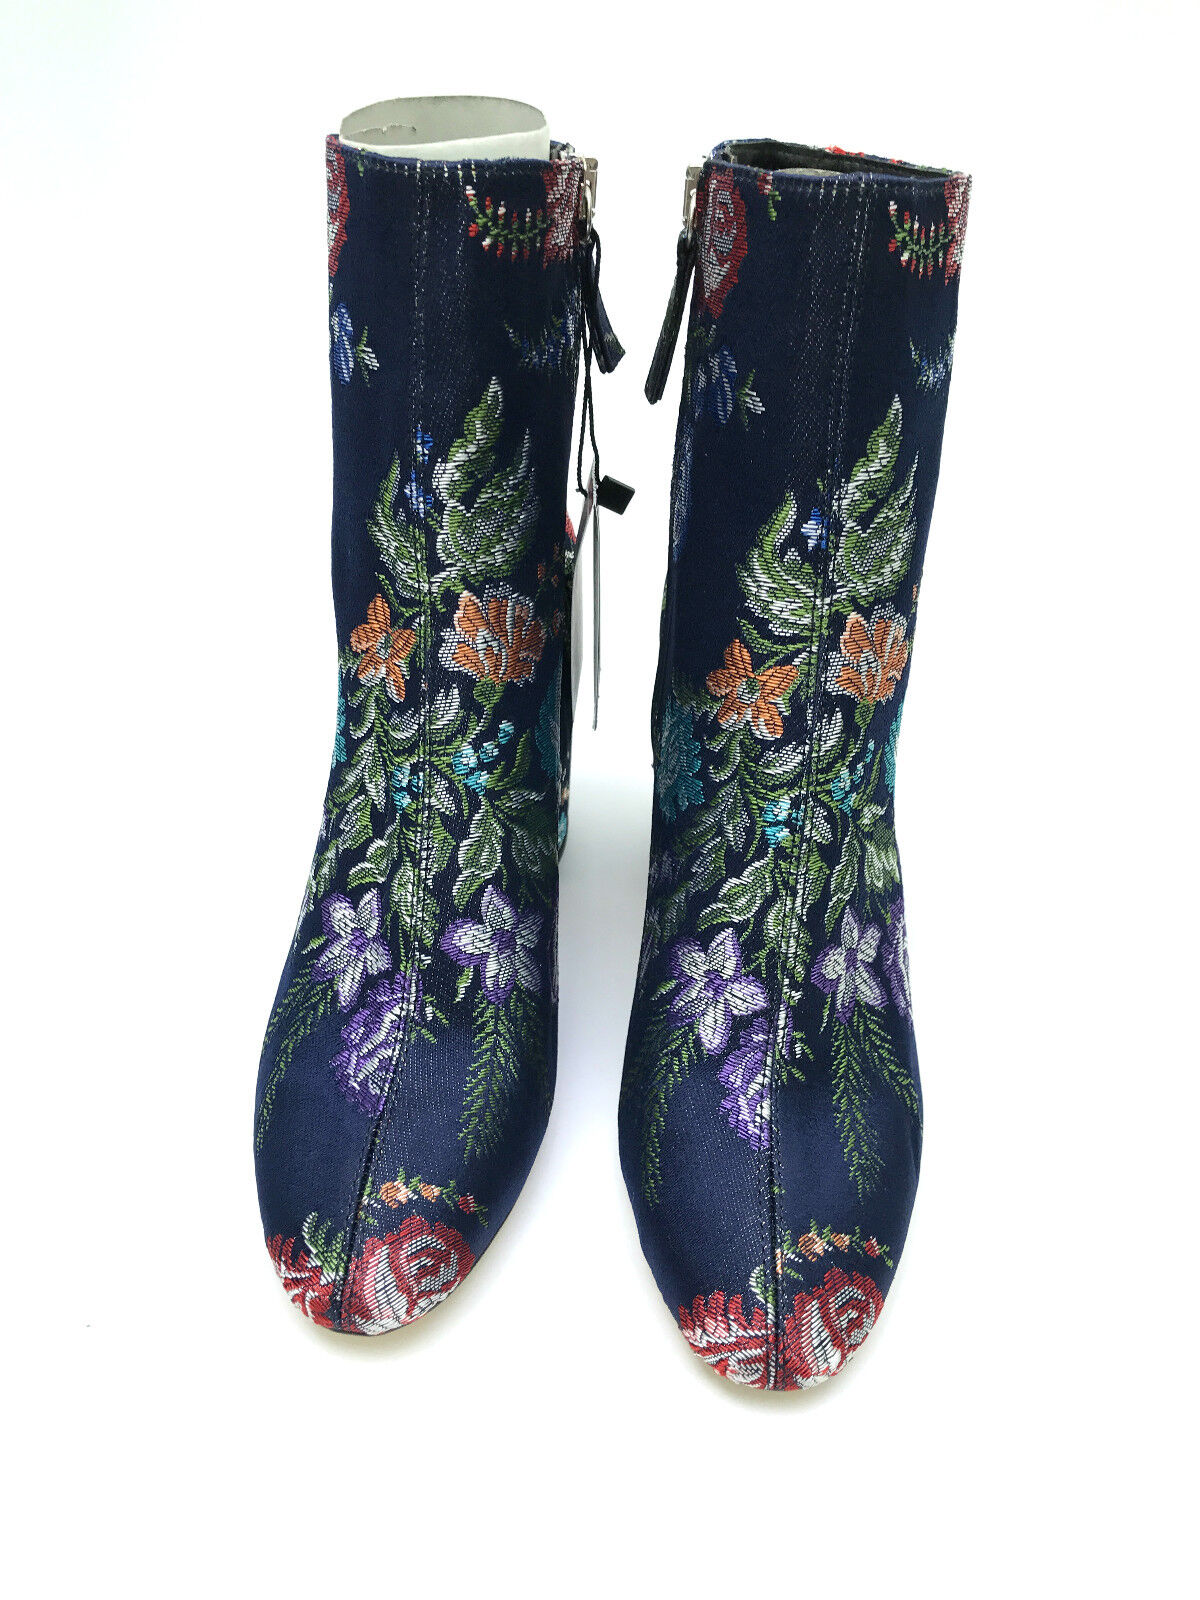 Zara Ref Bestickt Ankle Stiefel Größe UK4 EUE37 US6.5 Neu Ref Zara 2107 201 ba22bc